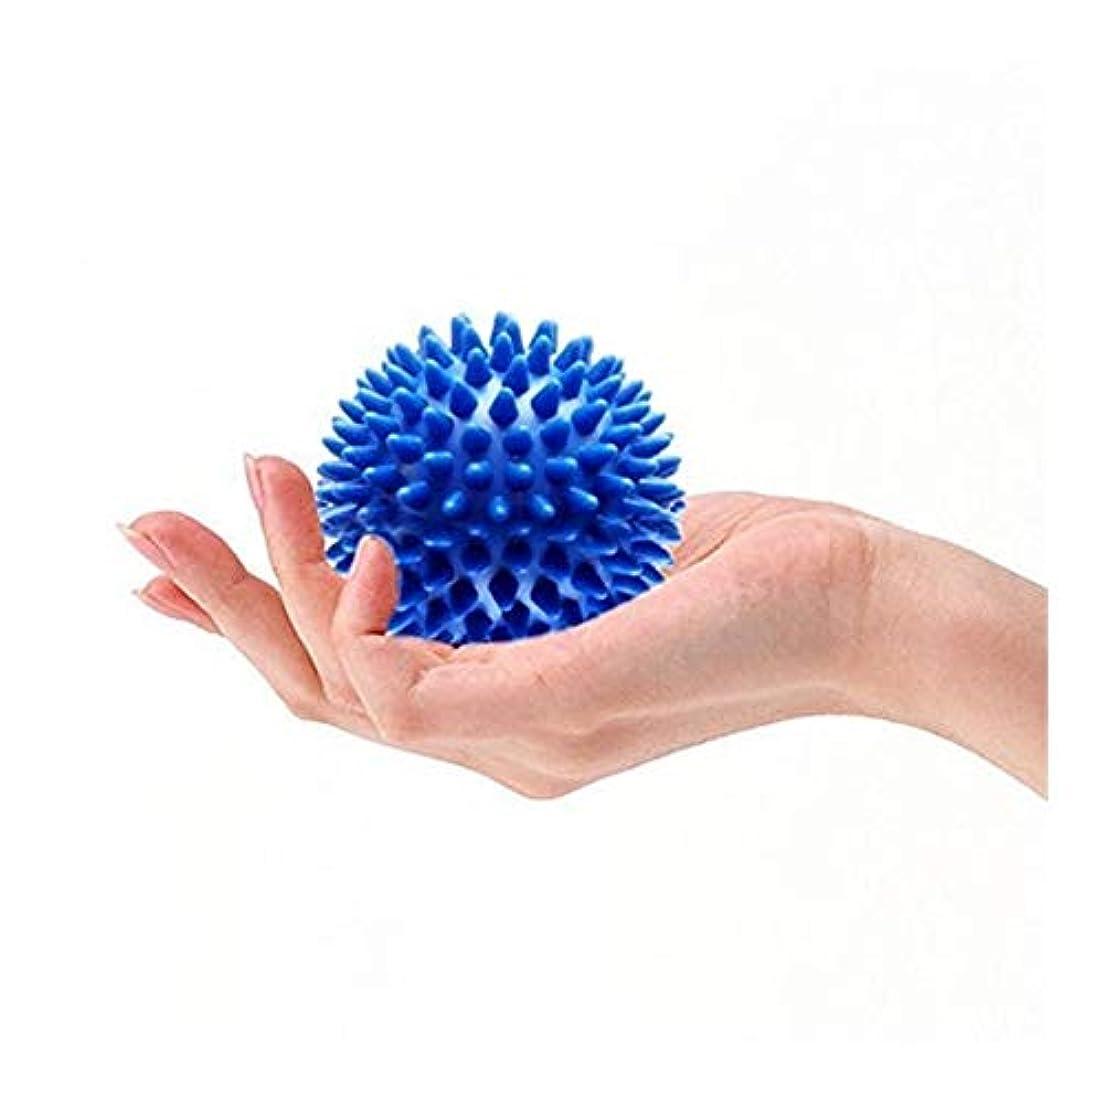 シャックルメニューコインマッサージボール マッサージボール 触覚ボール 背中のマッサージボール 足裏手 筋肉緊張和らげ 血液循環促進 ポイントマッサージ 筋筋膜リリース リハビリ マッサージ用 肩こり 腰 ふくらはぎ ツボ押しグッズ